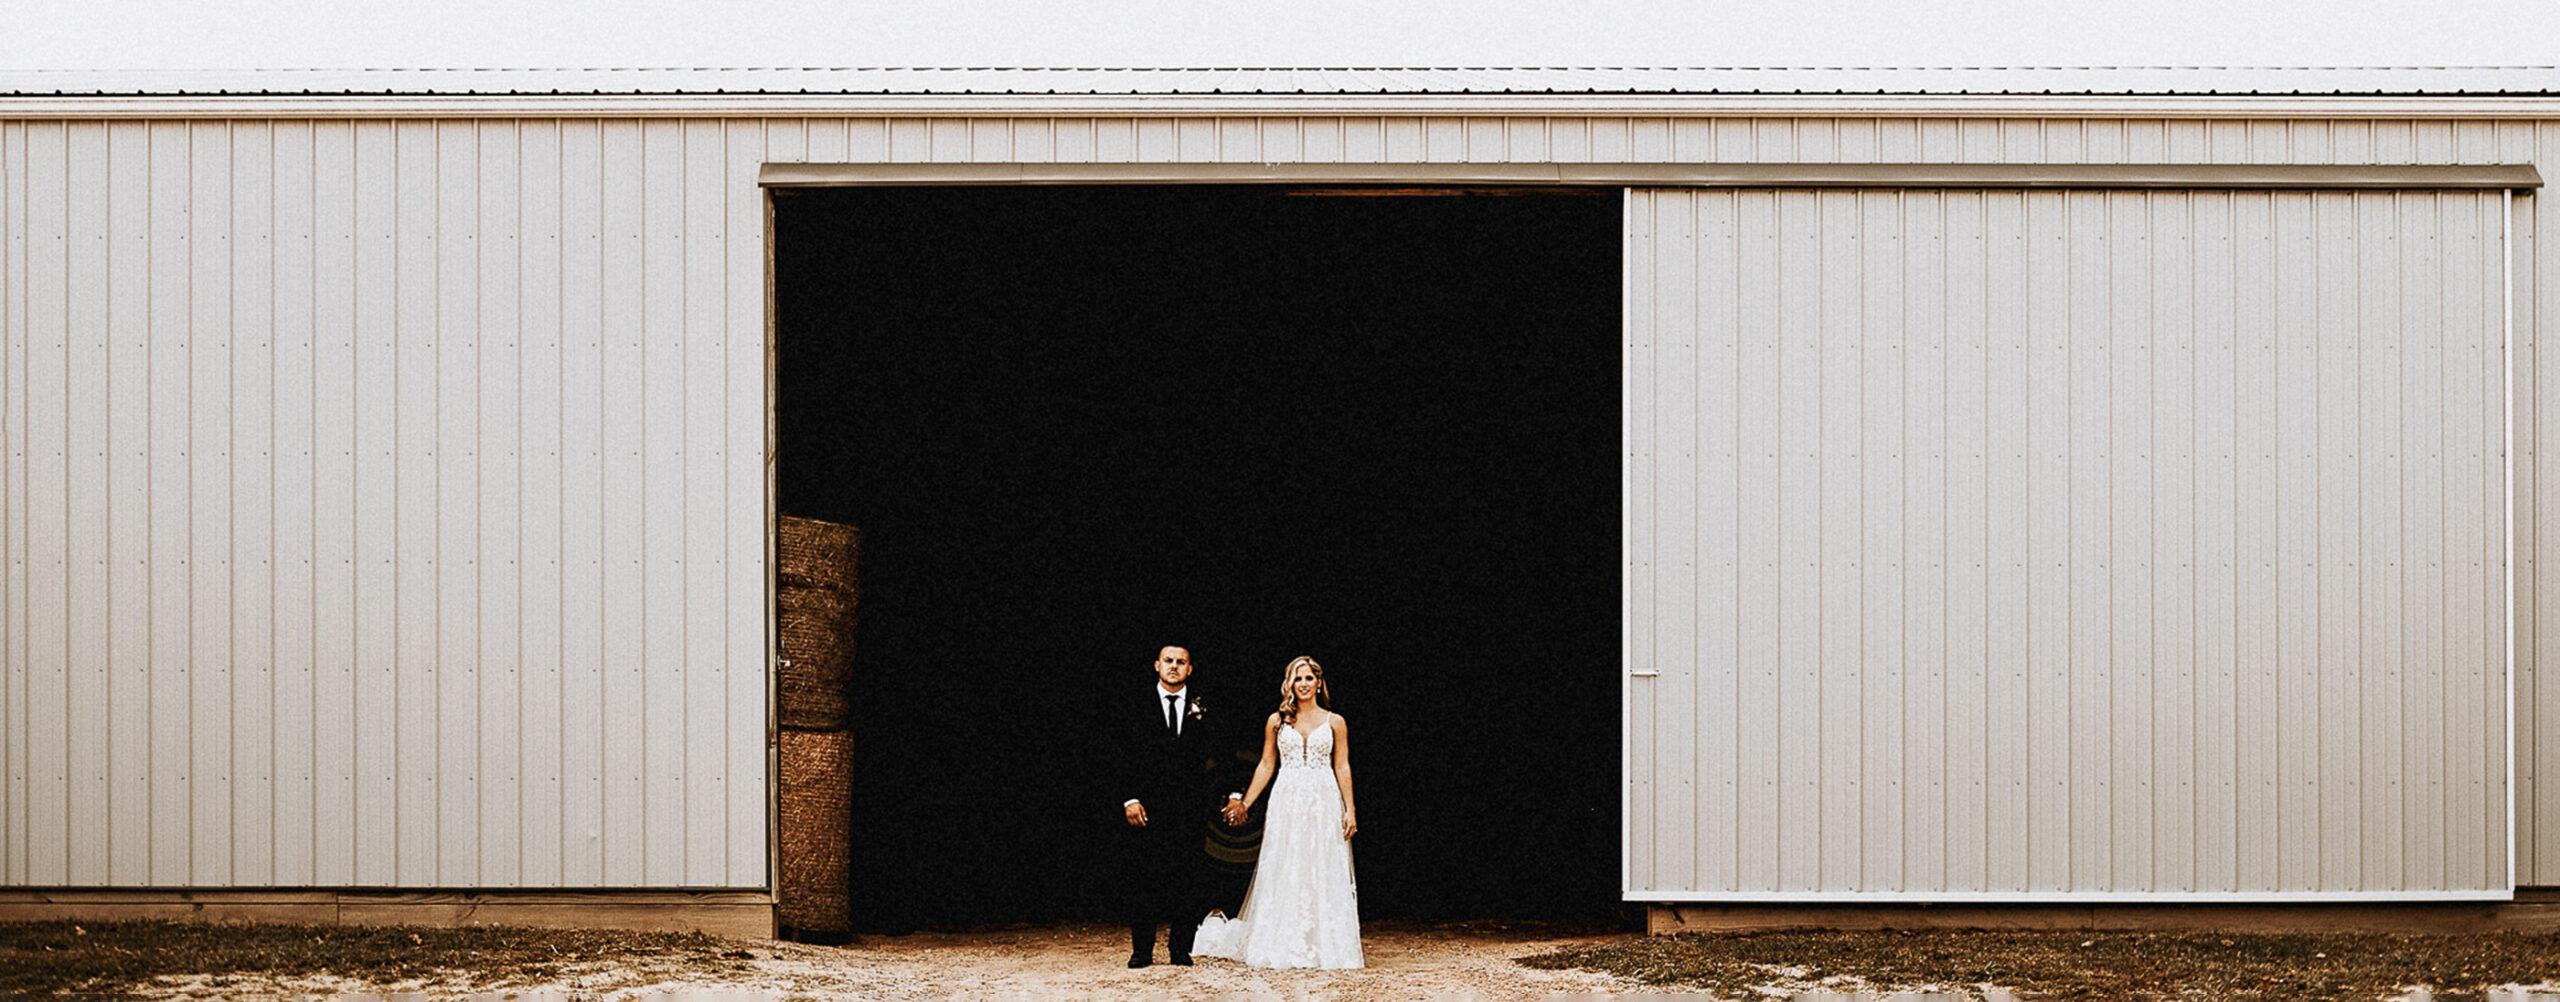 Family Farm Wedding | Brianna & Steve